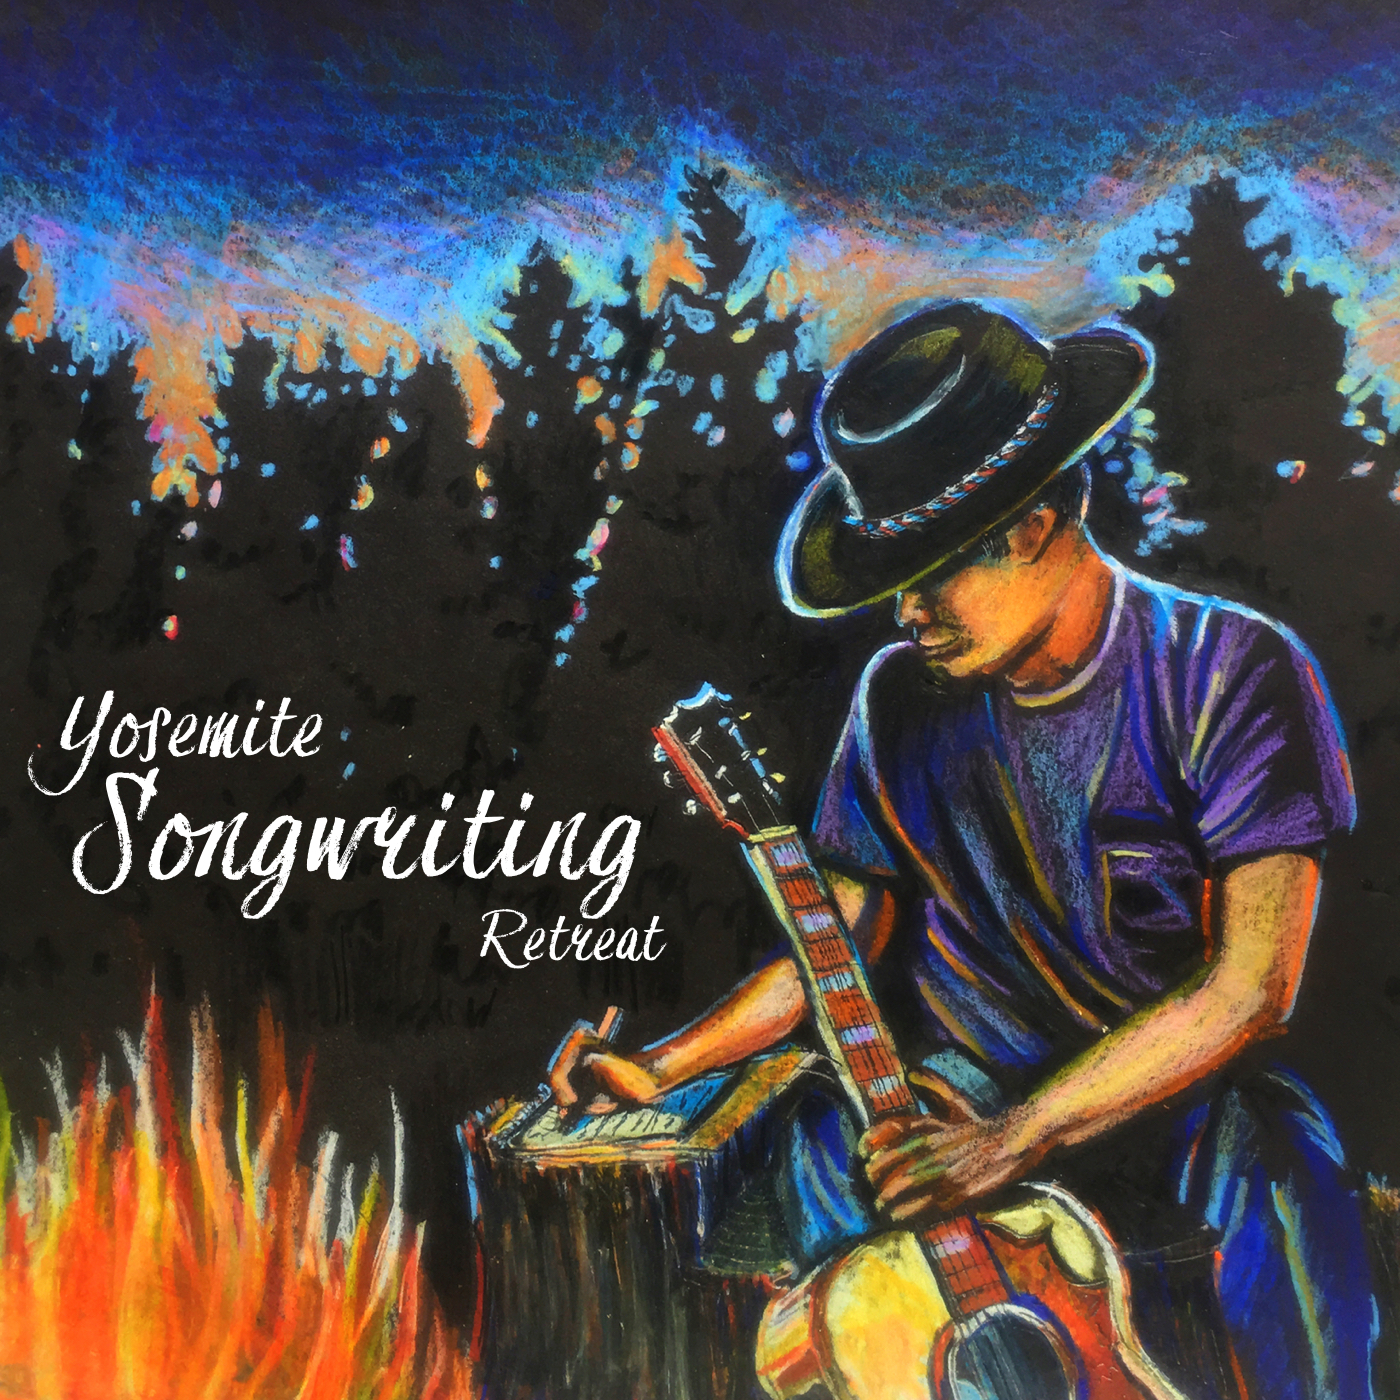 yosemite-songwriting-retreat